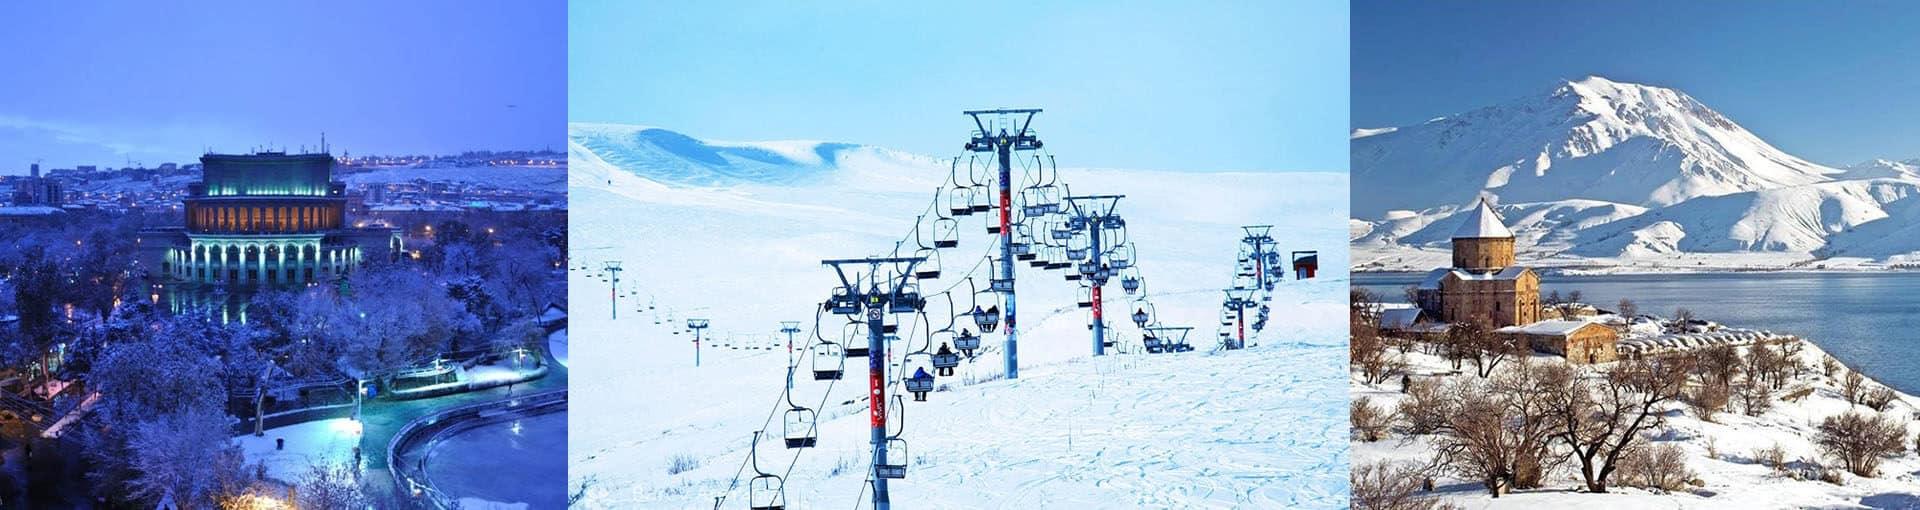 5 уникальных зимних приключений в Армении